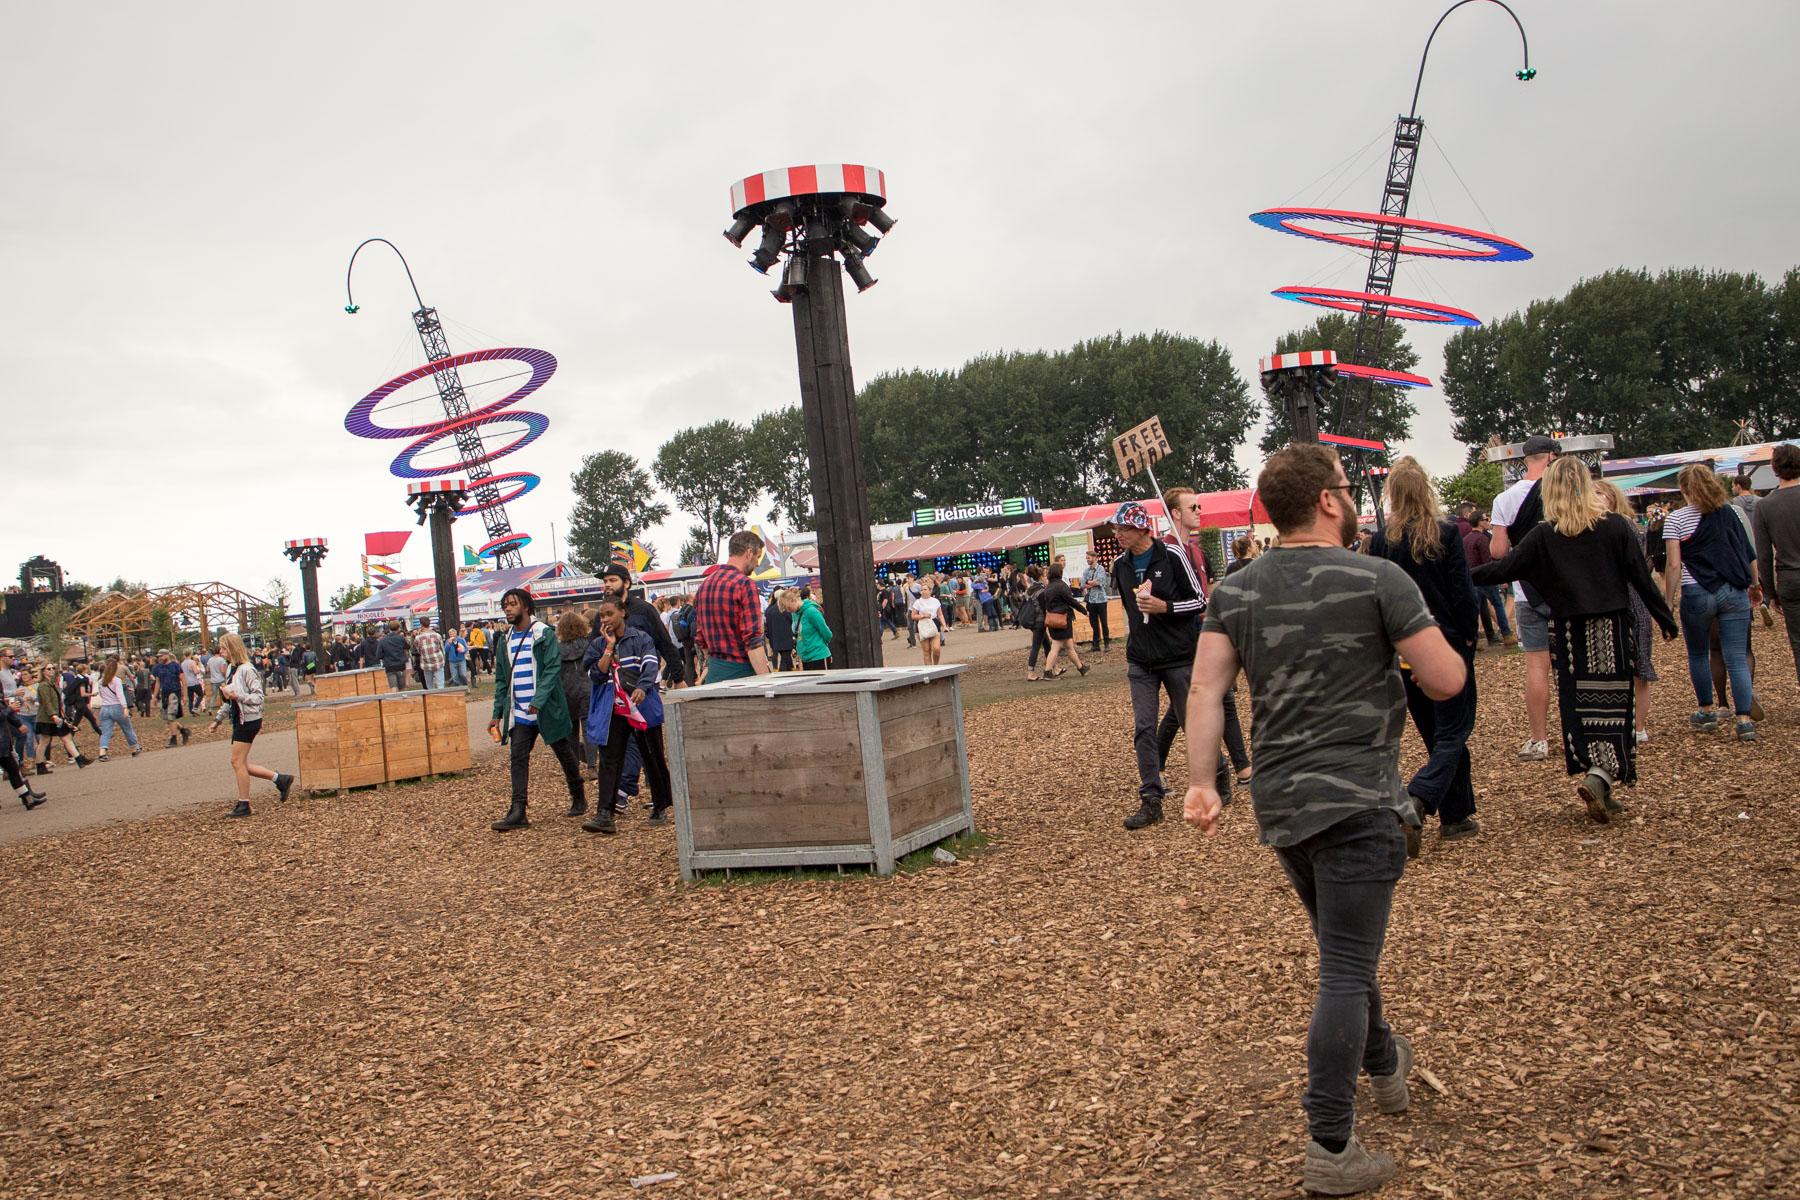 Onzekerheid over grote evenementen volgend jaar